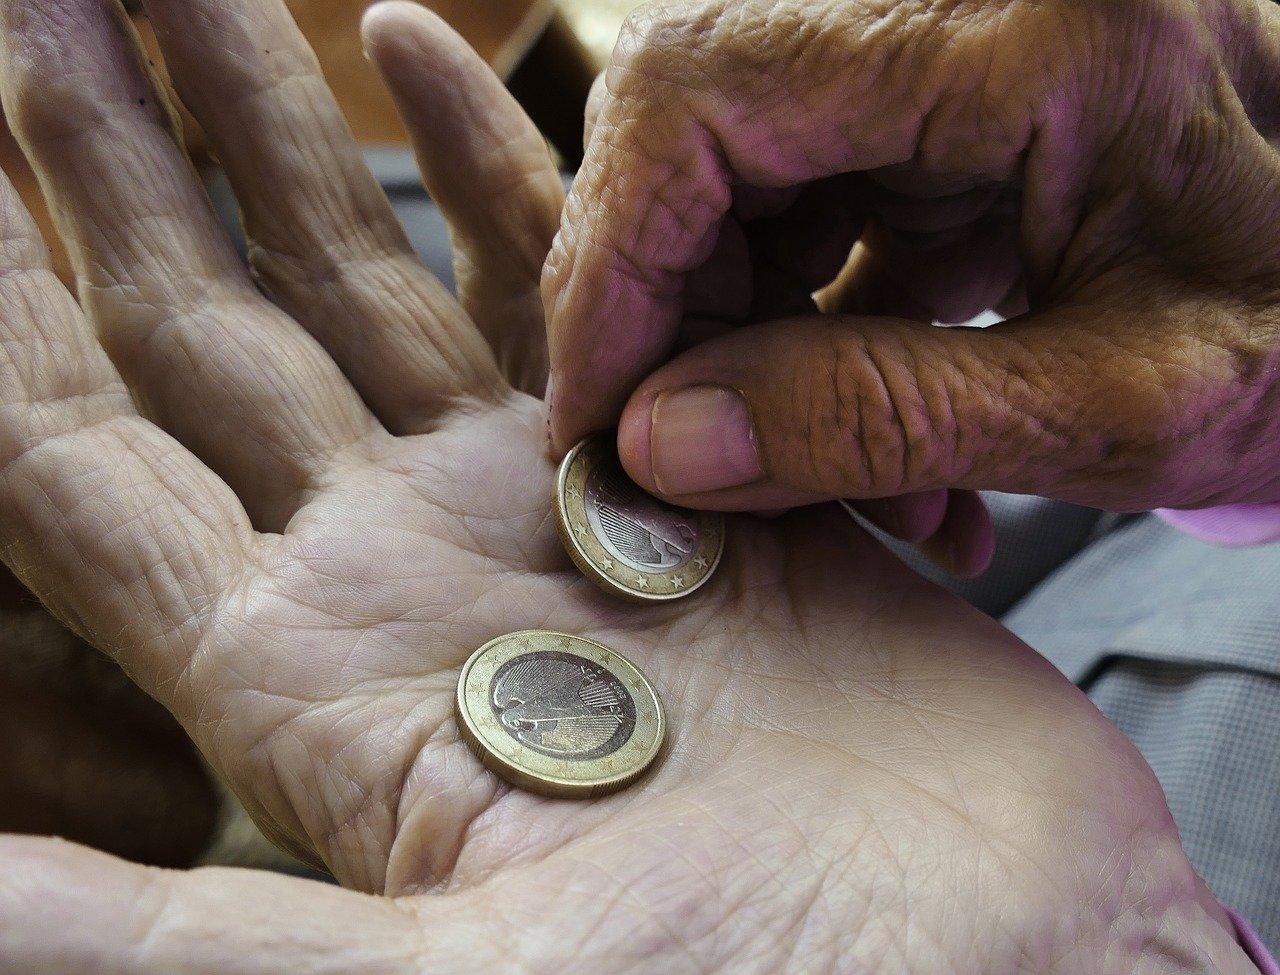 Kdy budeme chodit do důchodu? Odborníci to spočítali a není to hezký pohled - anotační obrázek